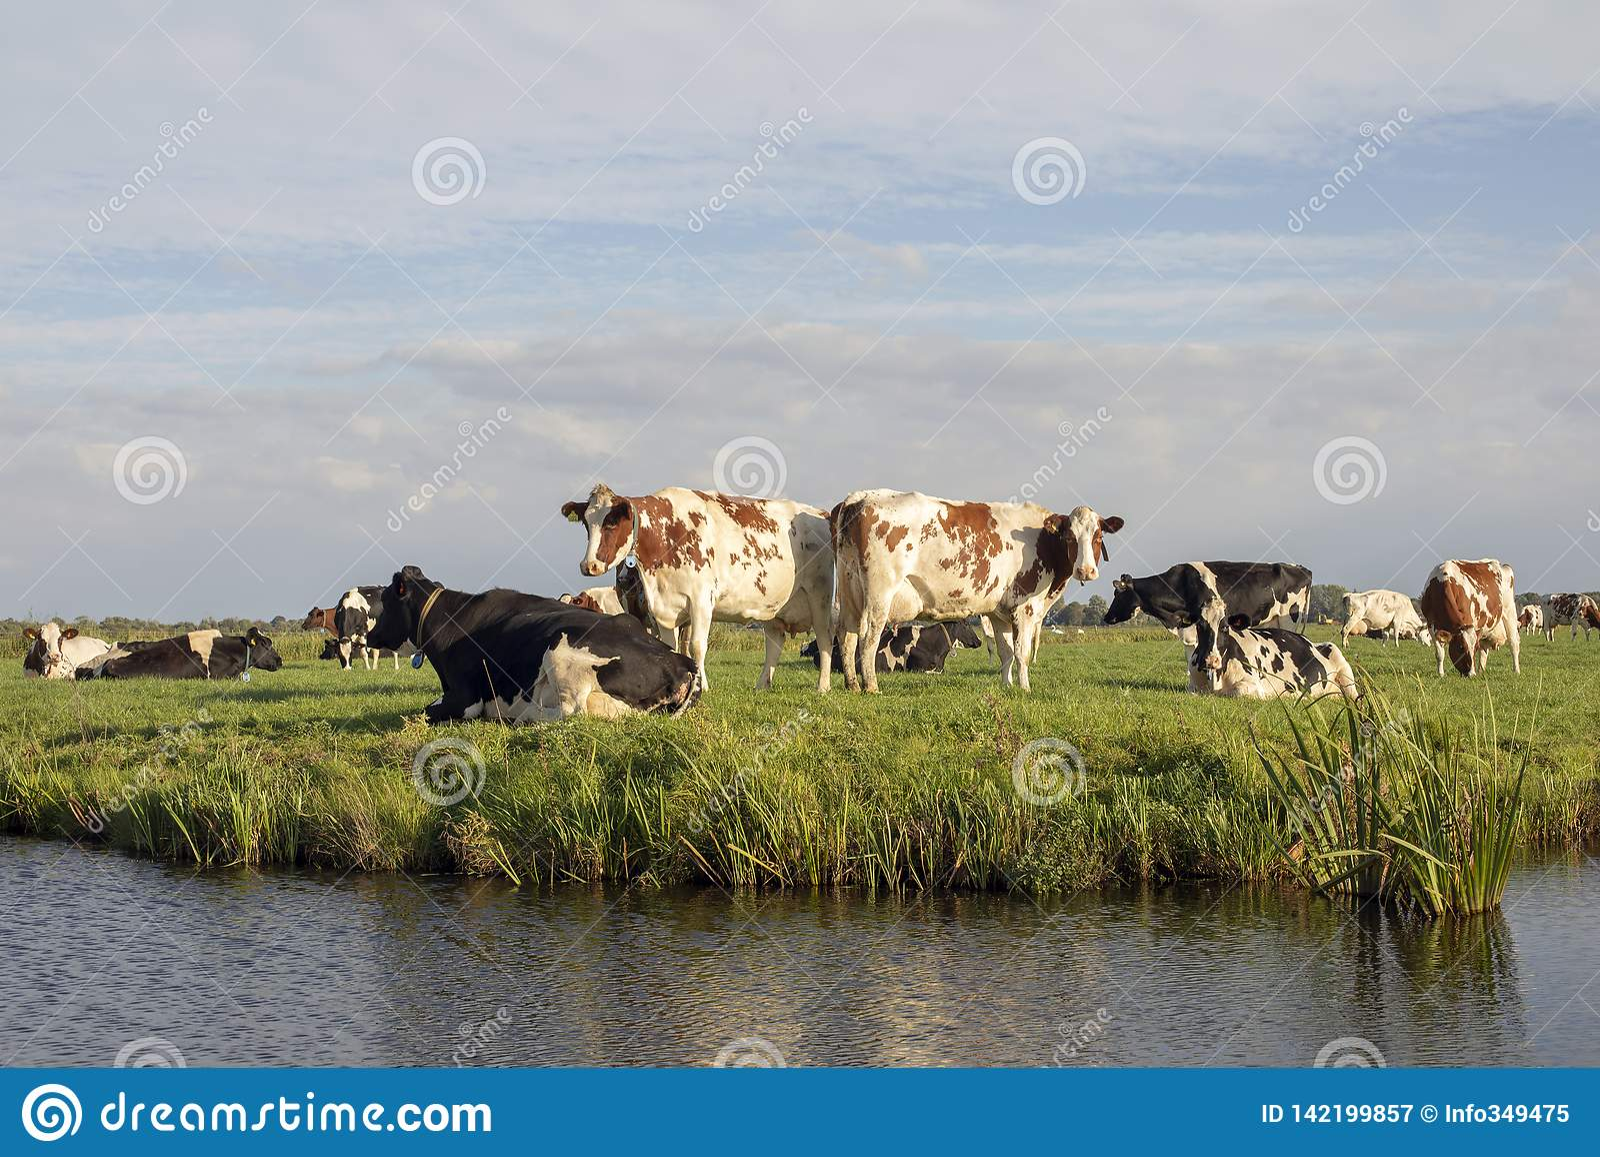 Grupo de vacas na borda de uma vala, em uma paisagem holandesa típica com as nuvens no horizonte